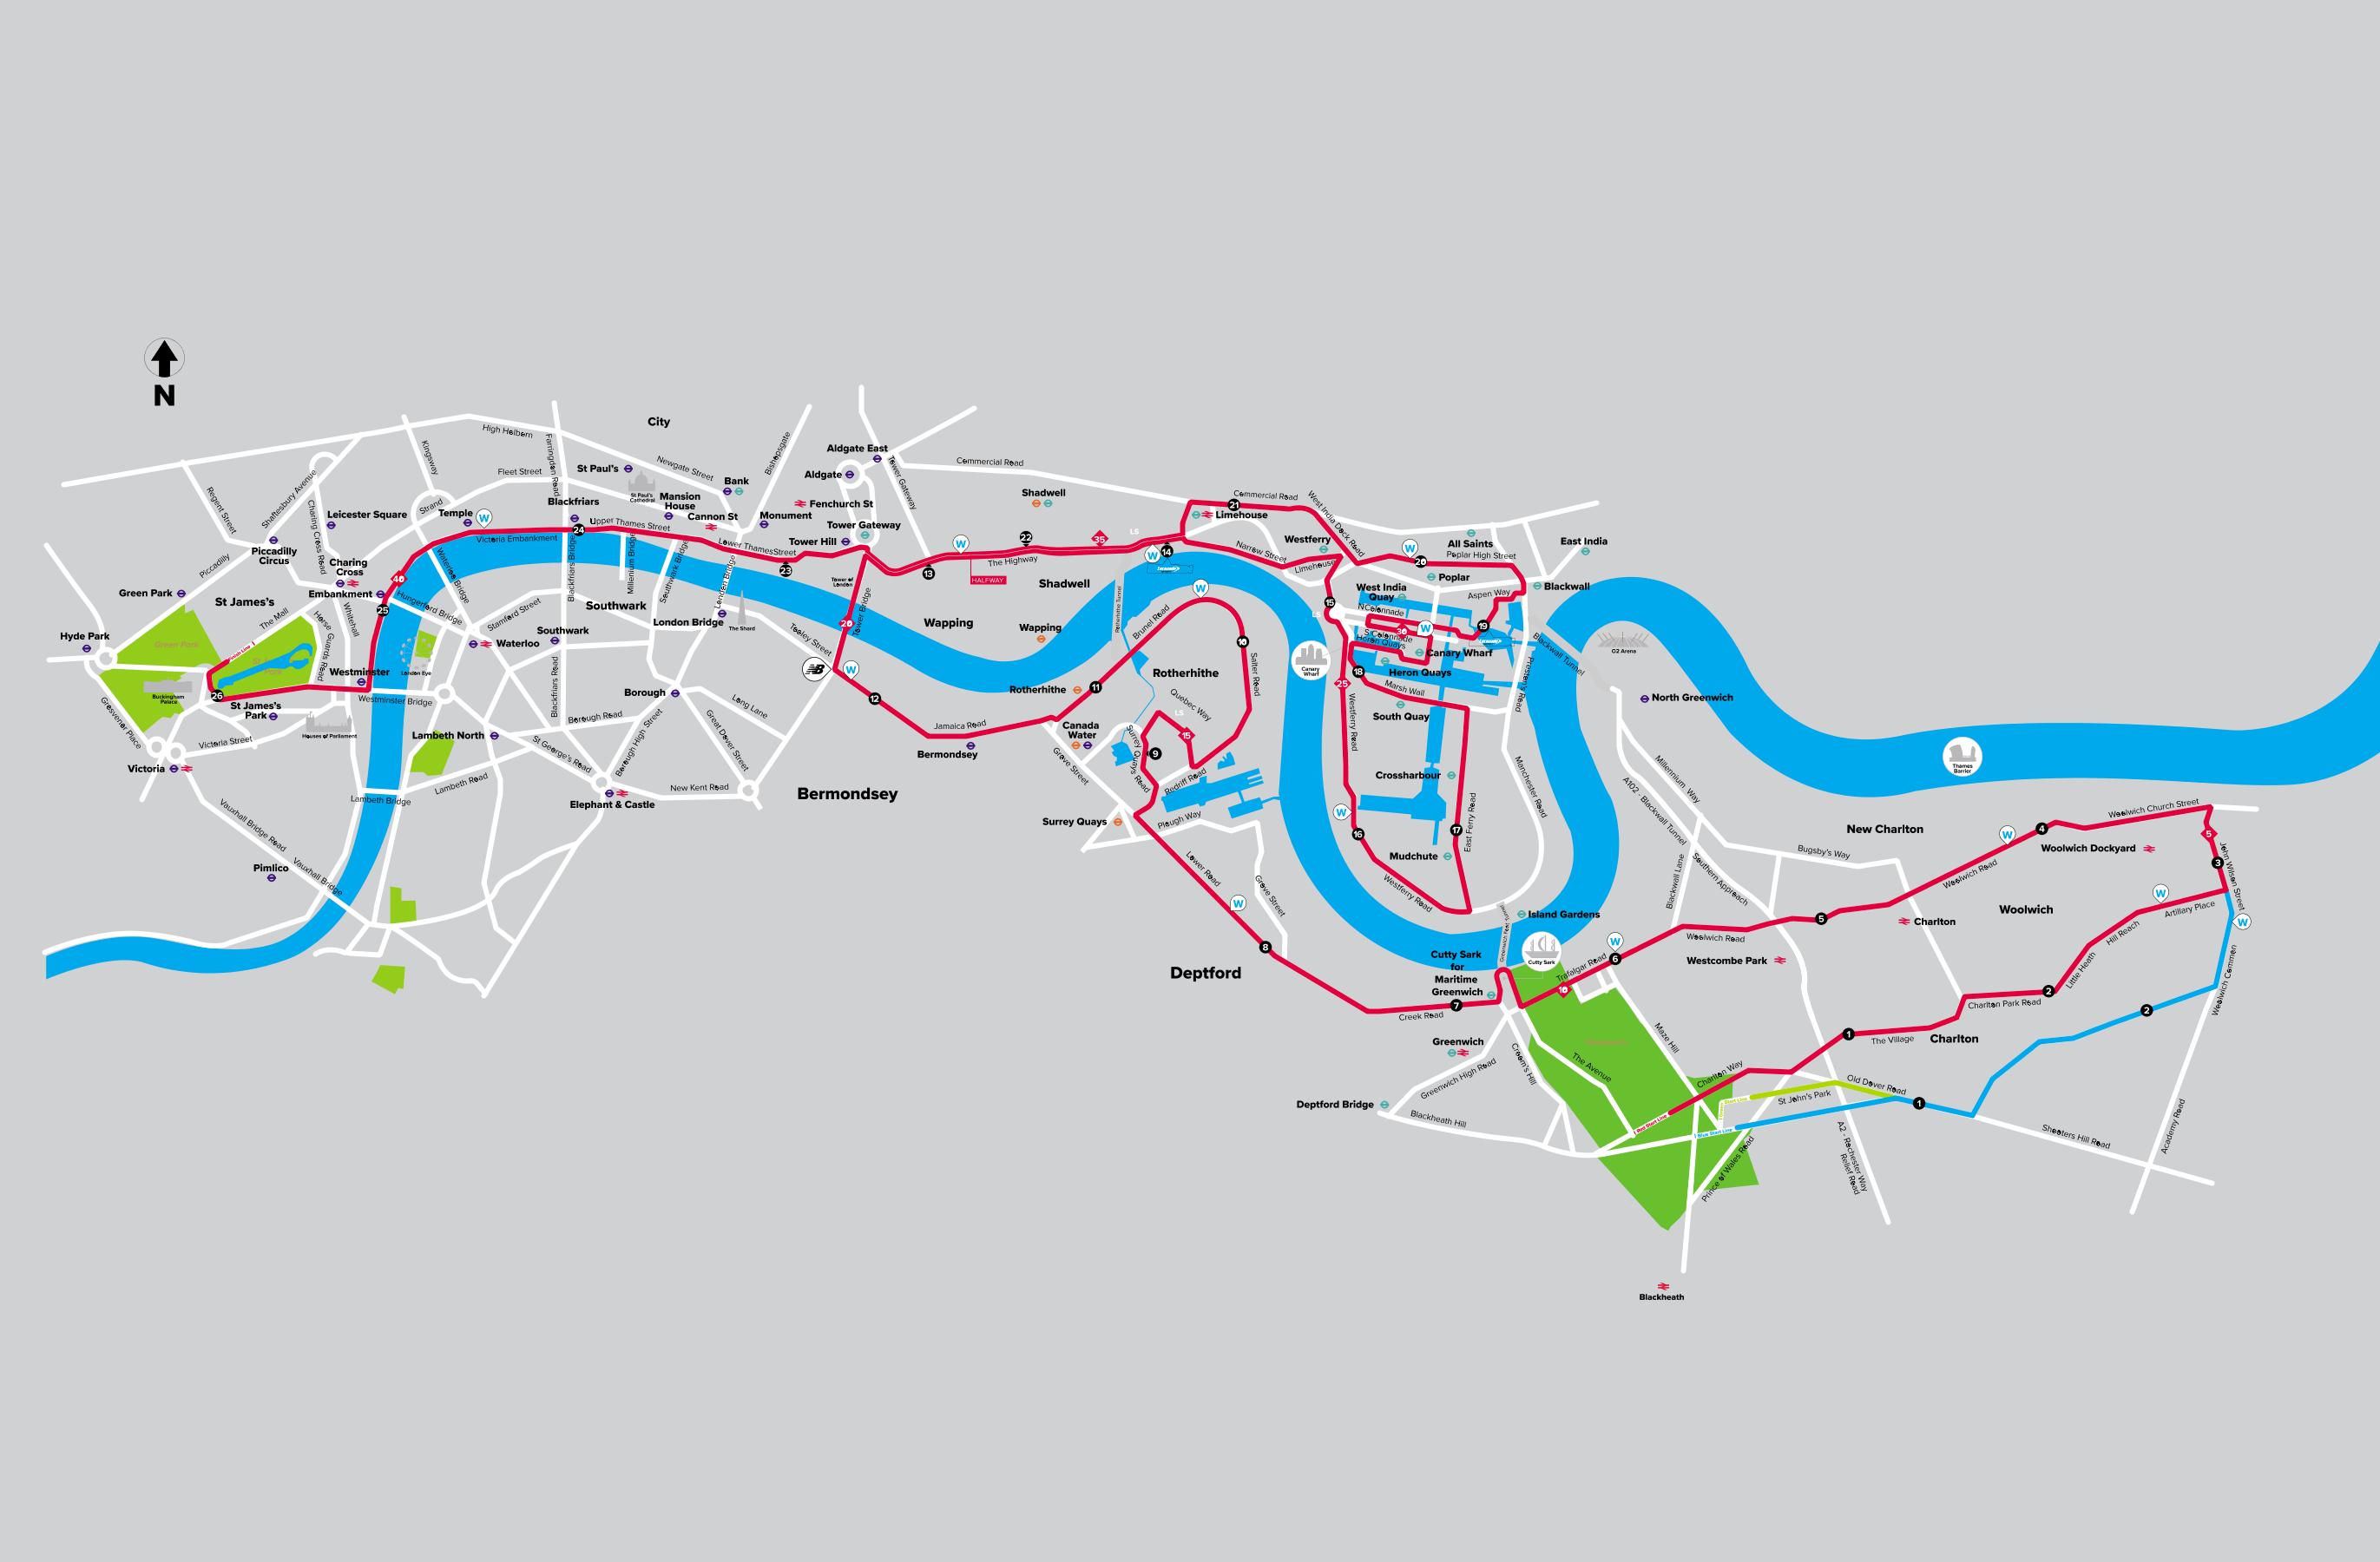 2021_vmlm_routemap